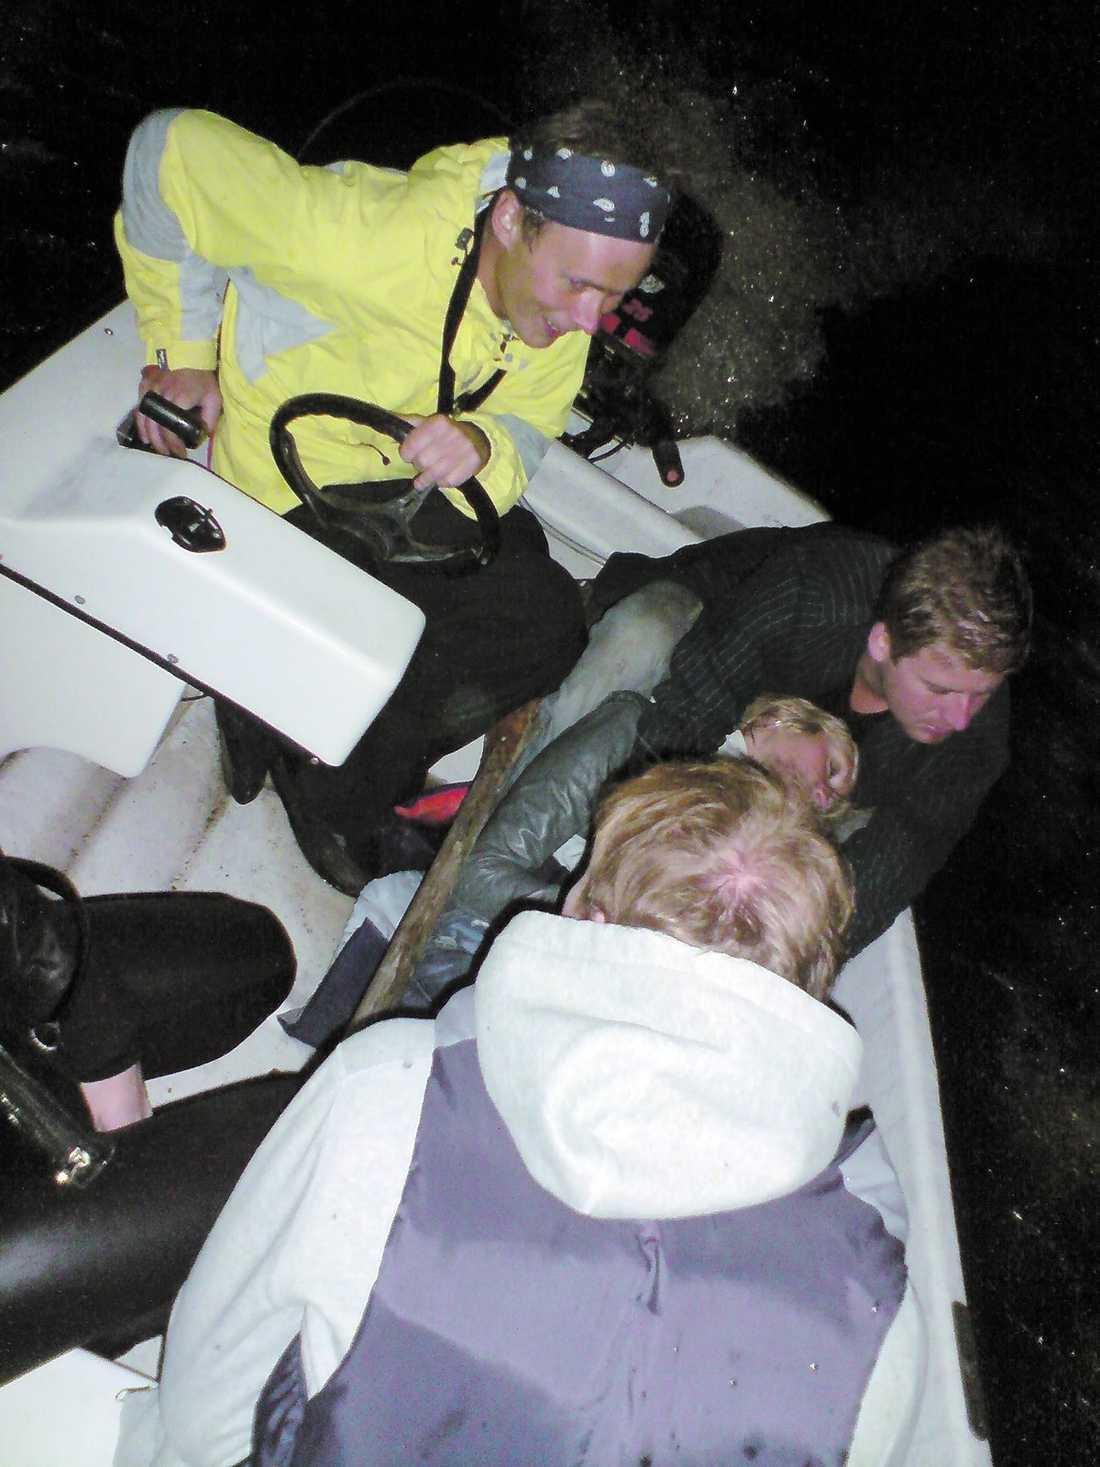 Robinson-deltagarna Christian Ternstedt och Ellenor Pierre har kommit ombord på räddningsbåten efter resan som höll på att sluta i katastrof.